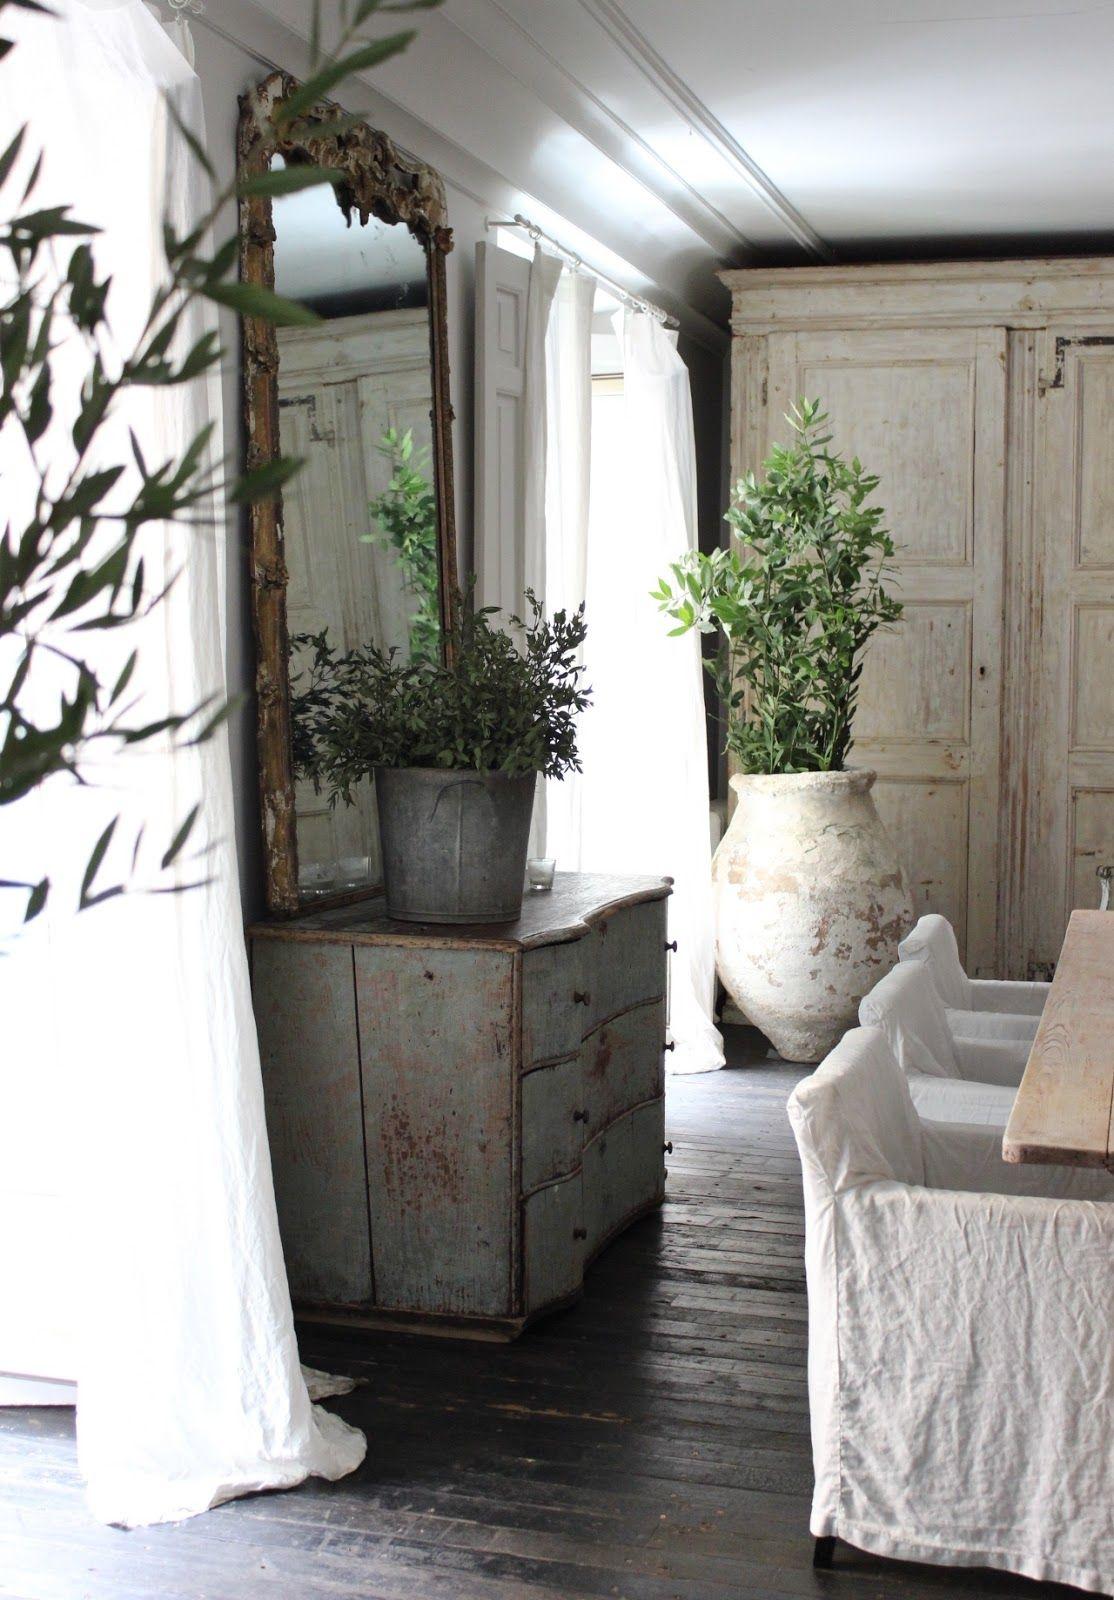 Pin by Paquita De Séville on Idées pour la maison | Home Decor ...